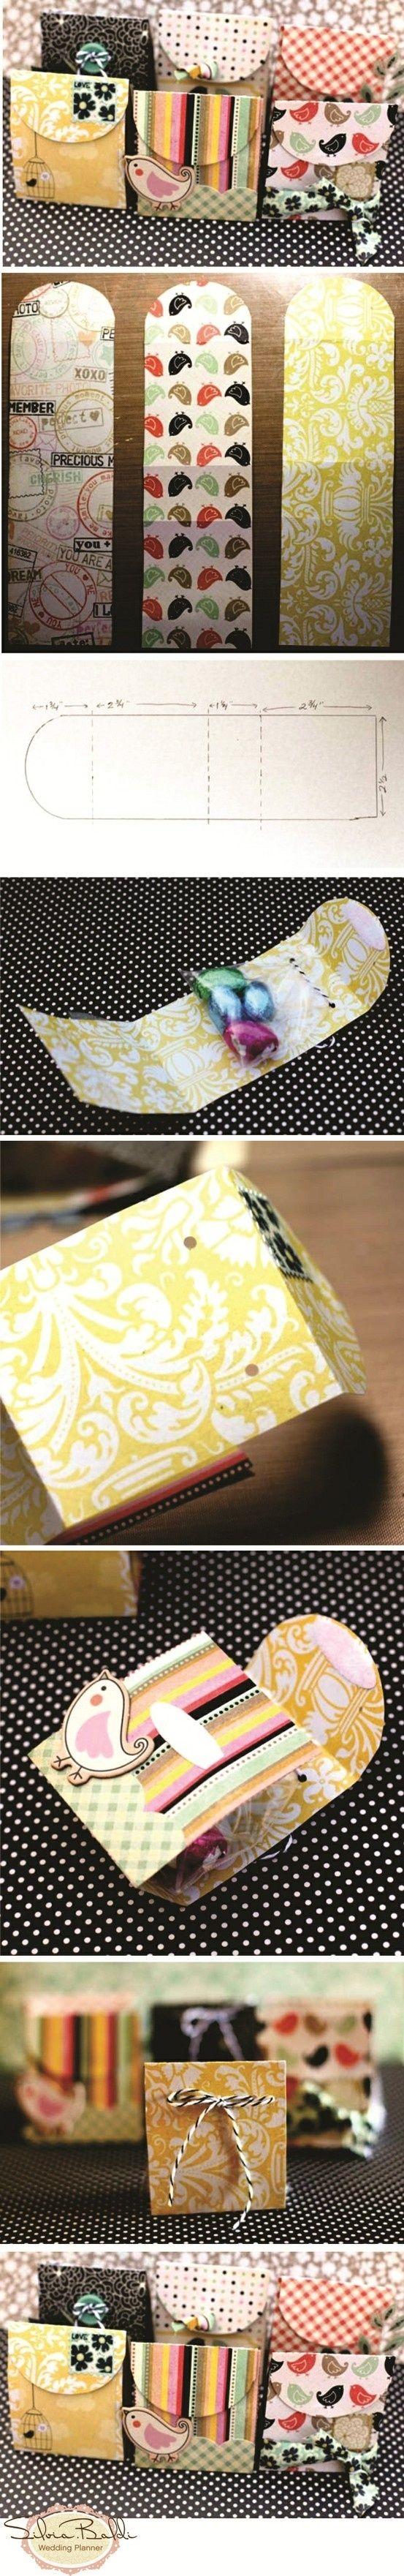 {DIY Gift Boxes}